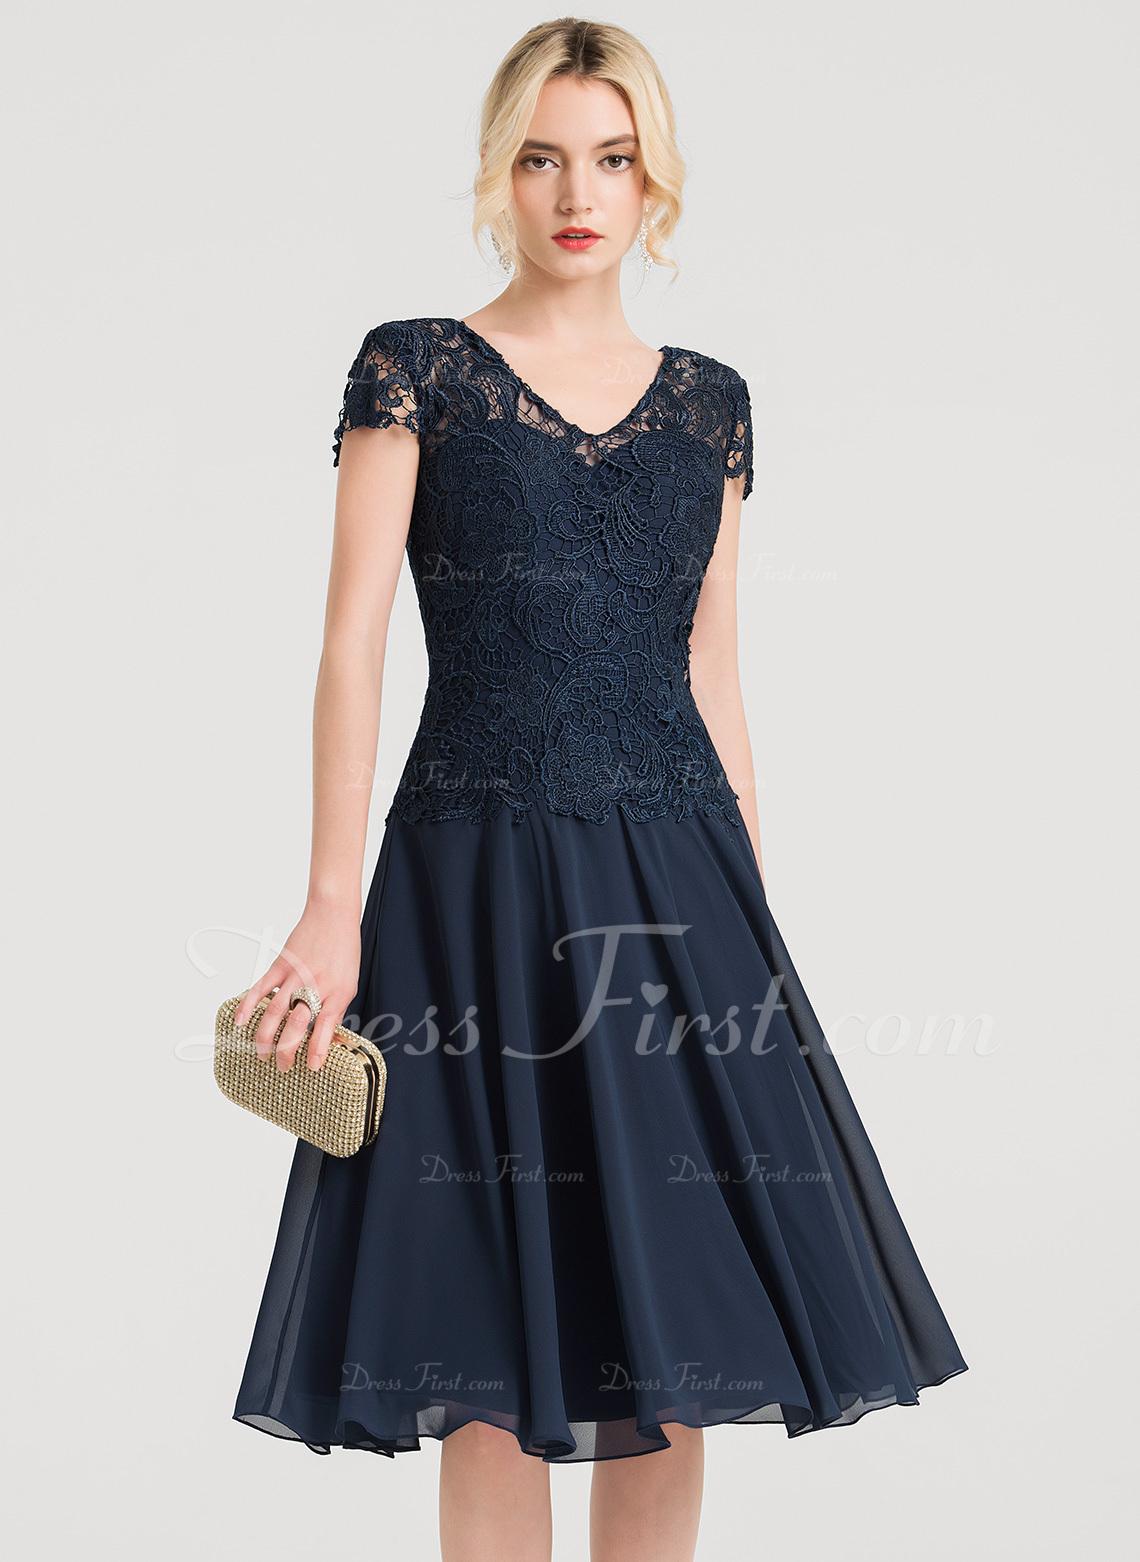 A-Line V-neck Knee-Length Chiffon Cocktail Dress